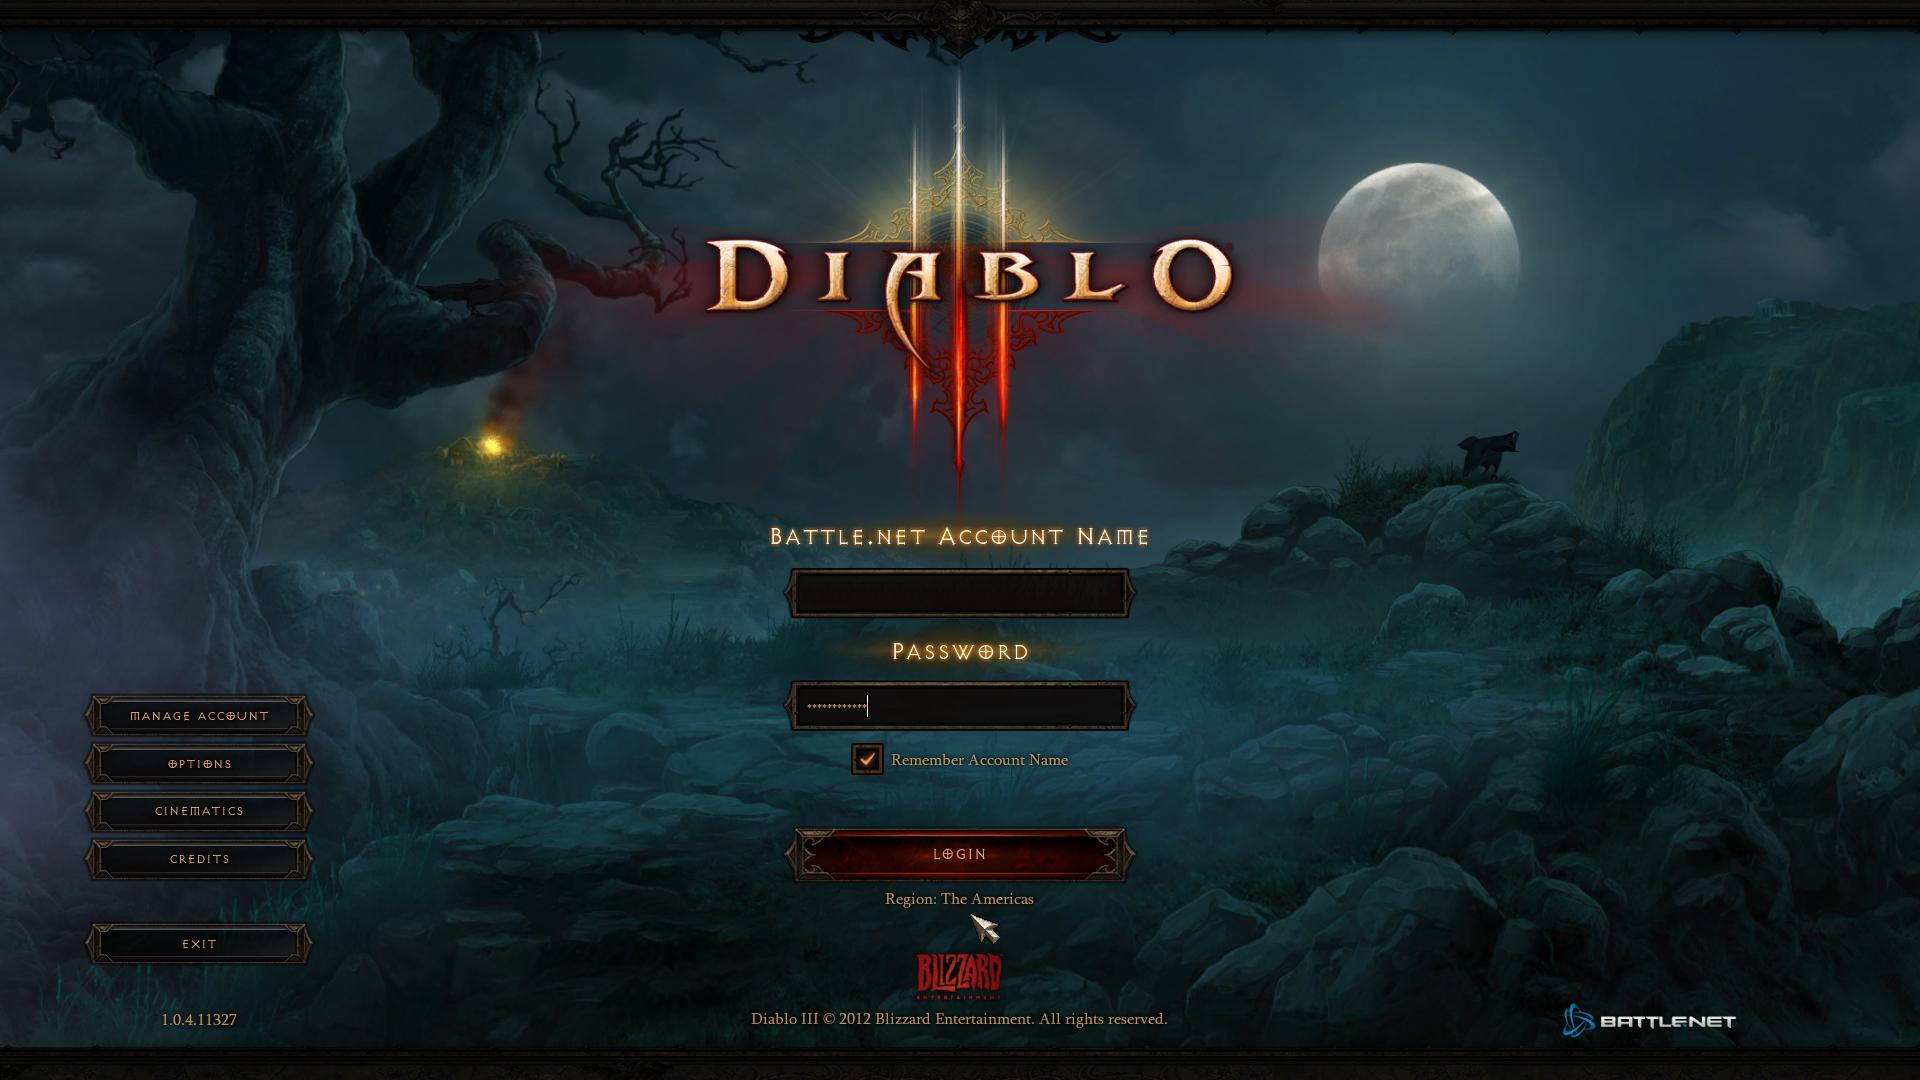 Diablo 3 1.0.5 PTR czyli jak pozbyć się error 12 screnshot 3